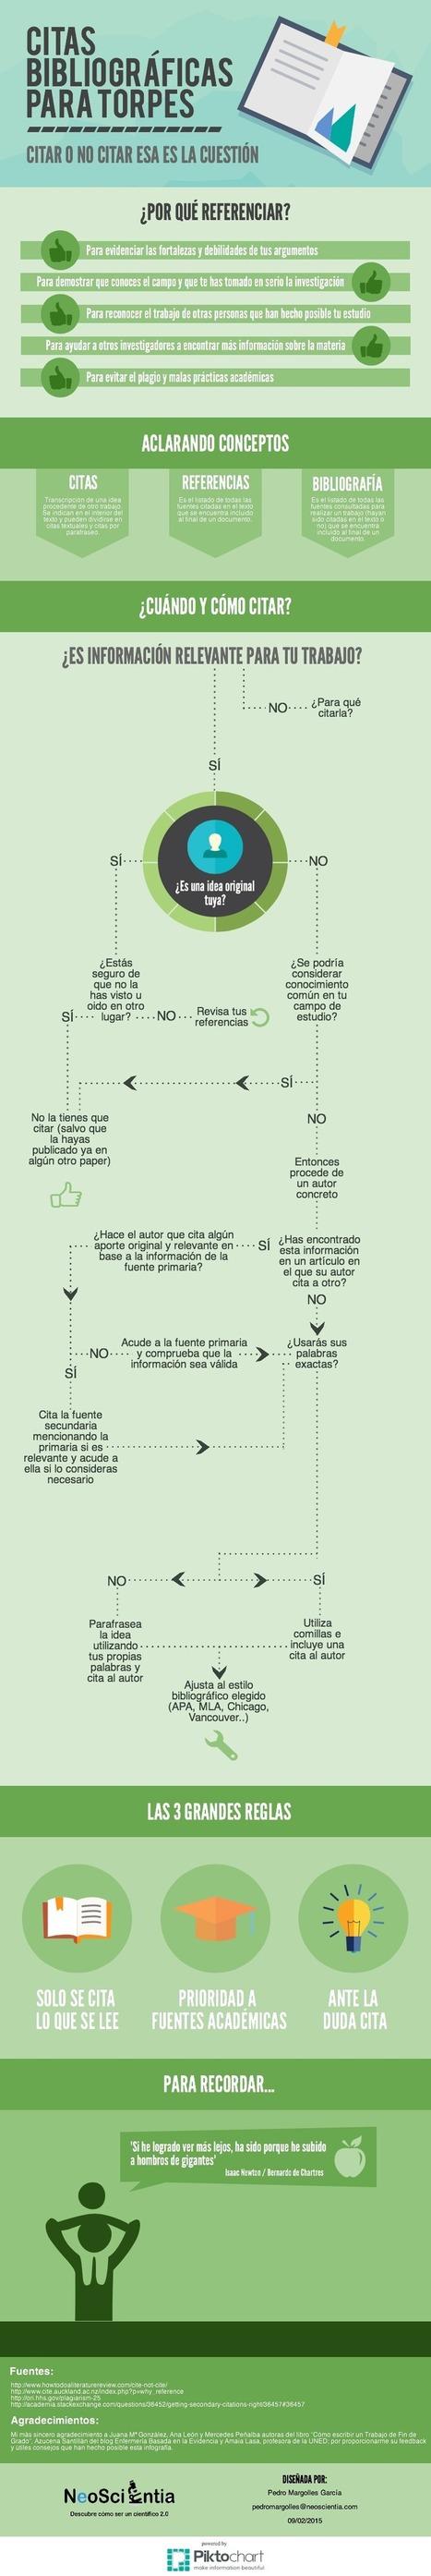 Infografía: Citas bibliográficas para torpes | El rincón de mferna | Scoop.it